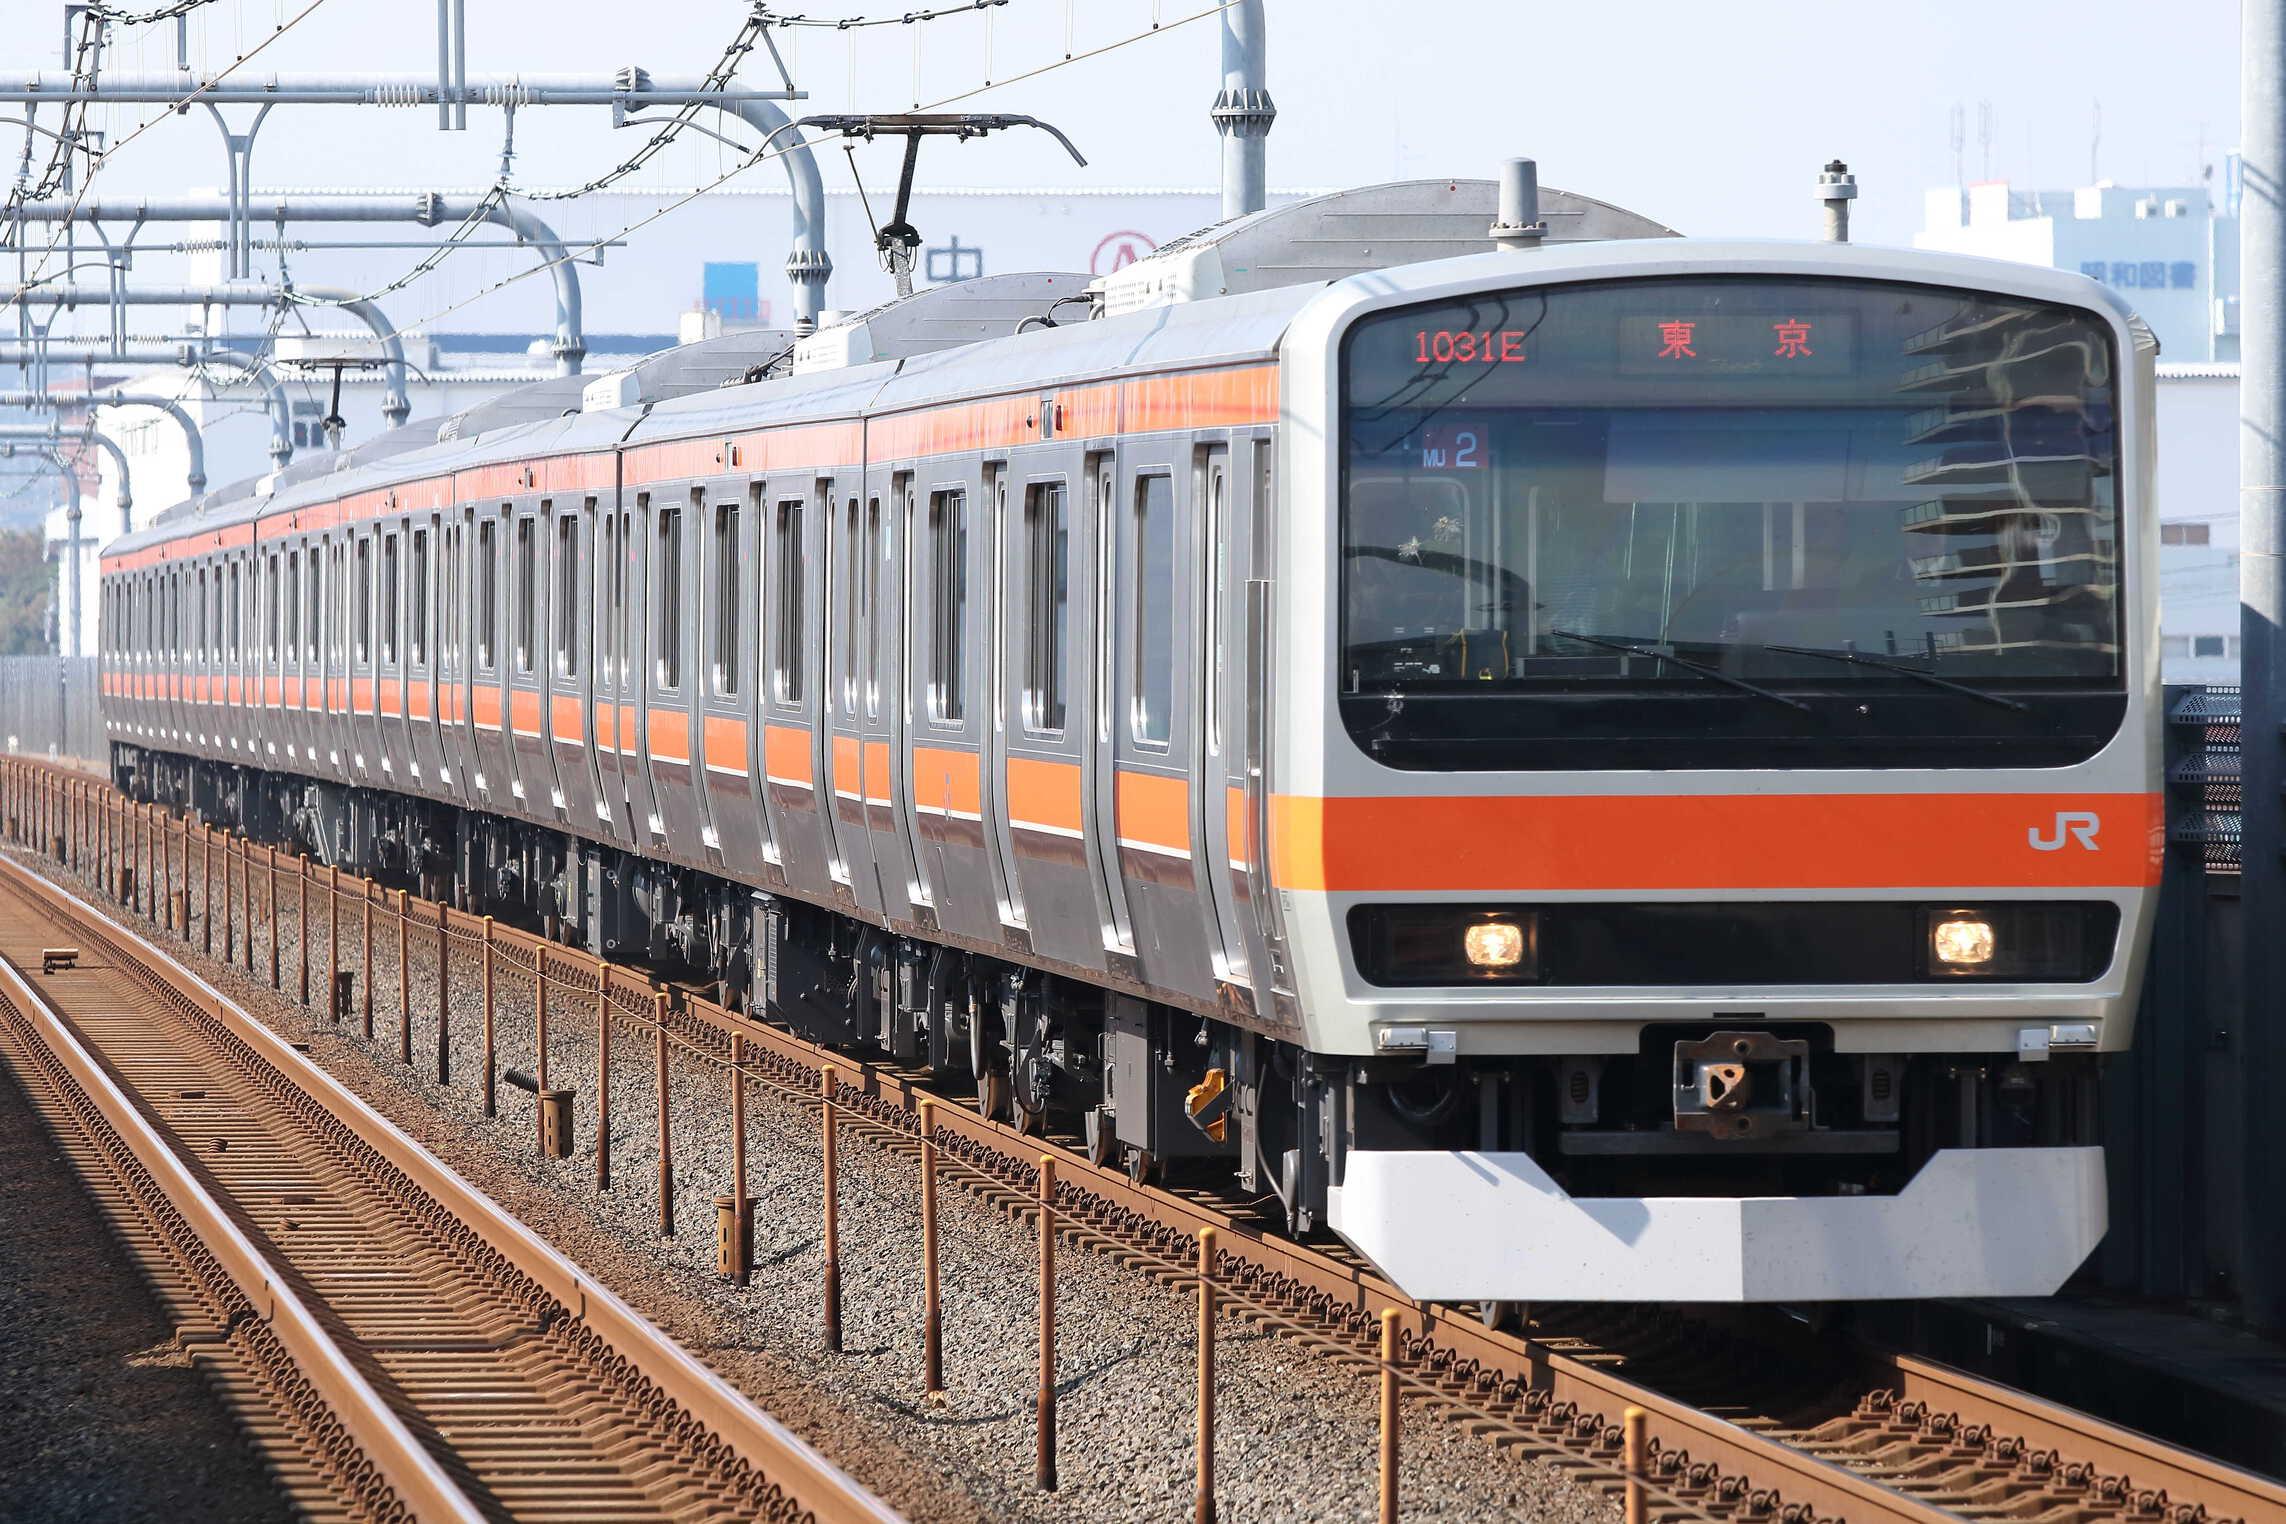 1031E E231系 千ケヨMU2編成